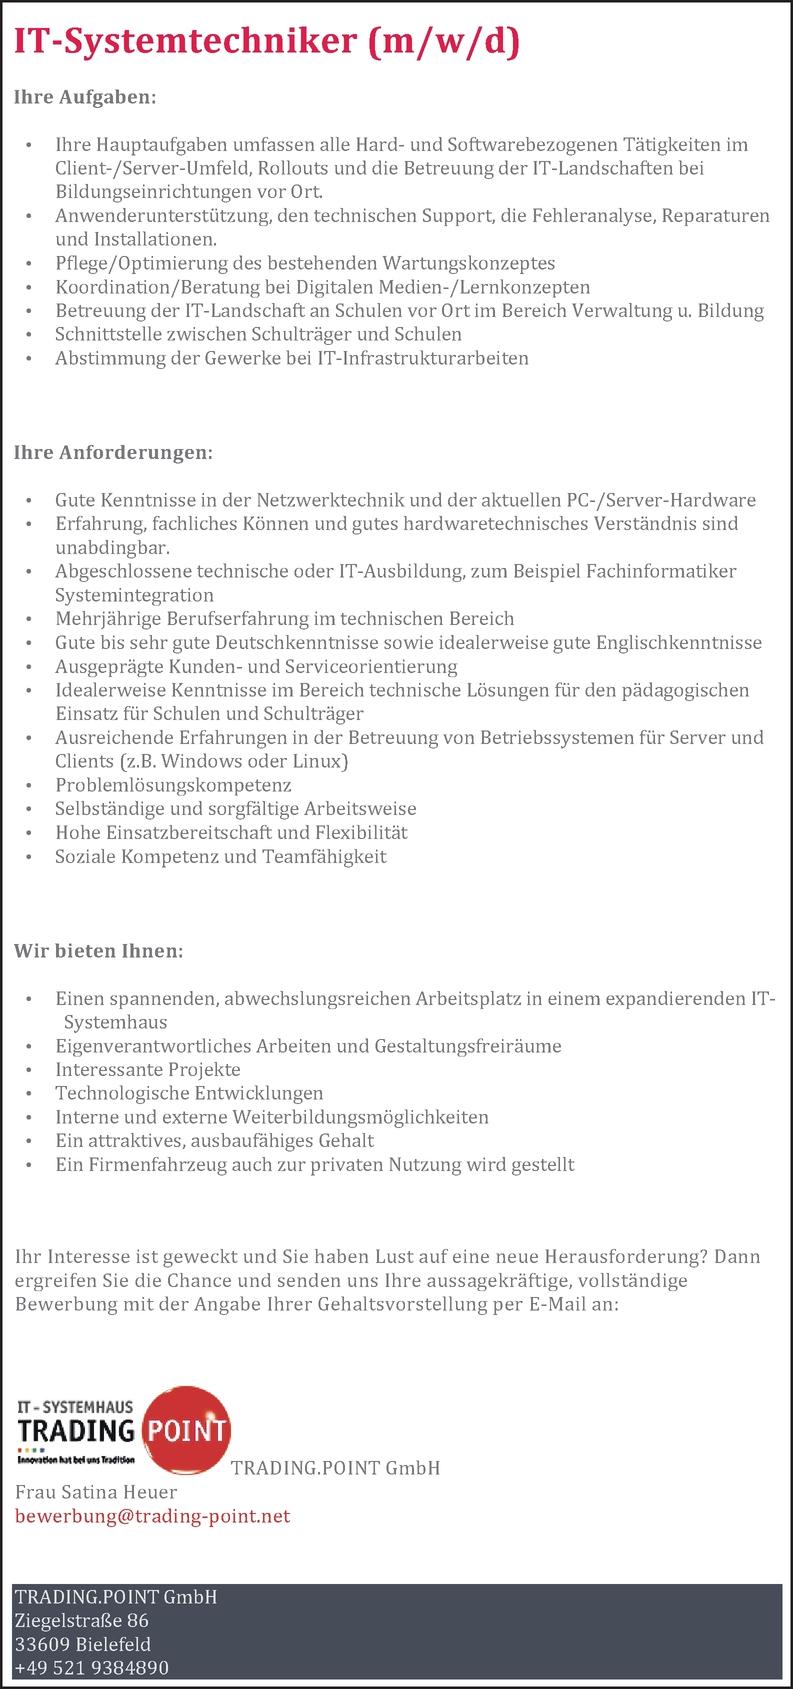 IT-Systemtechniker/in